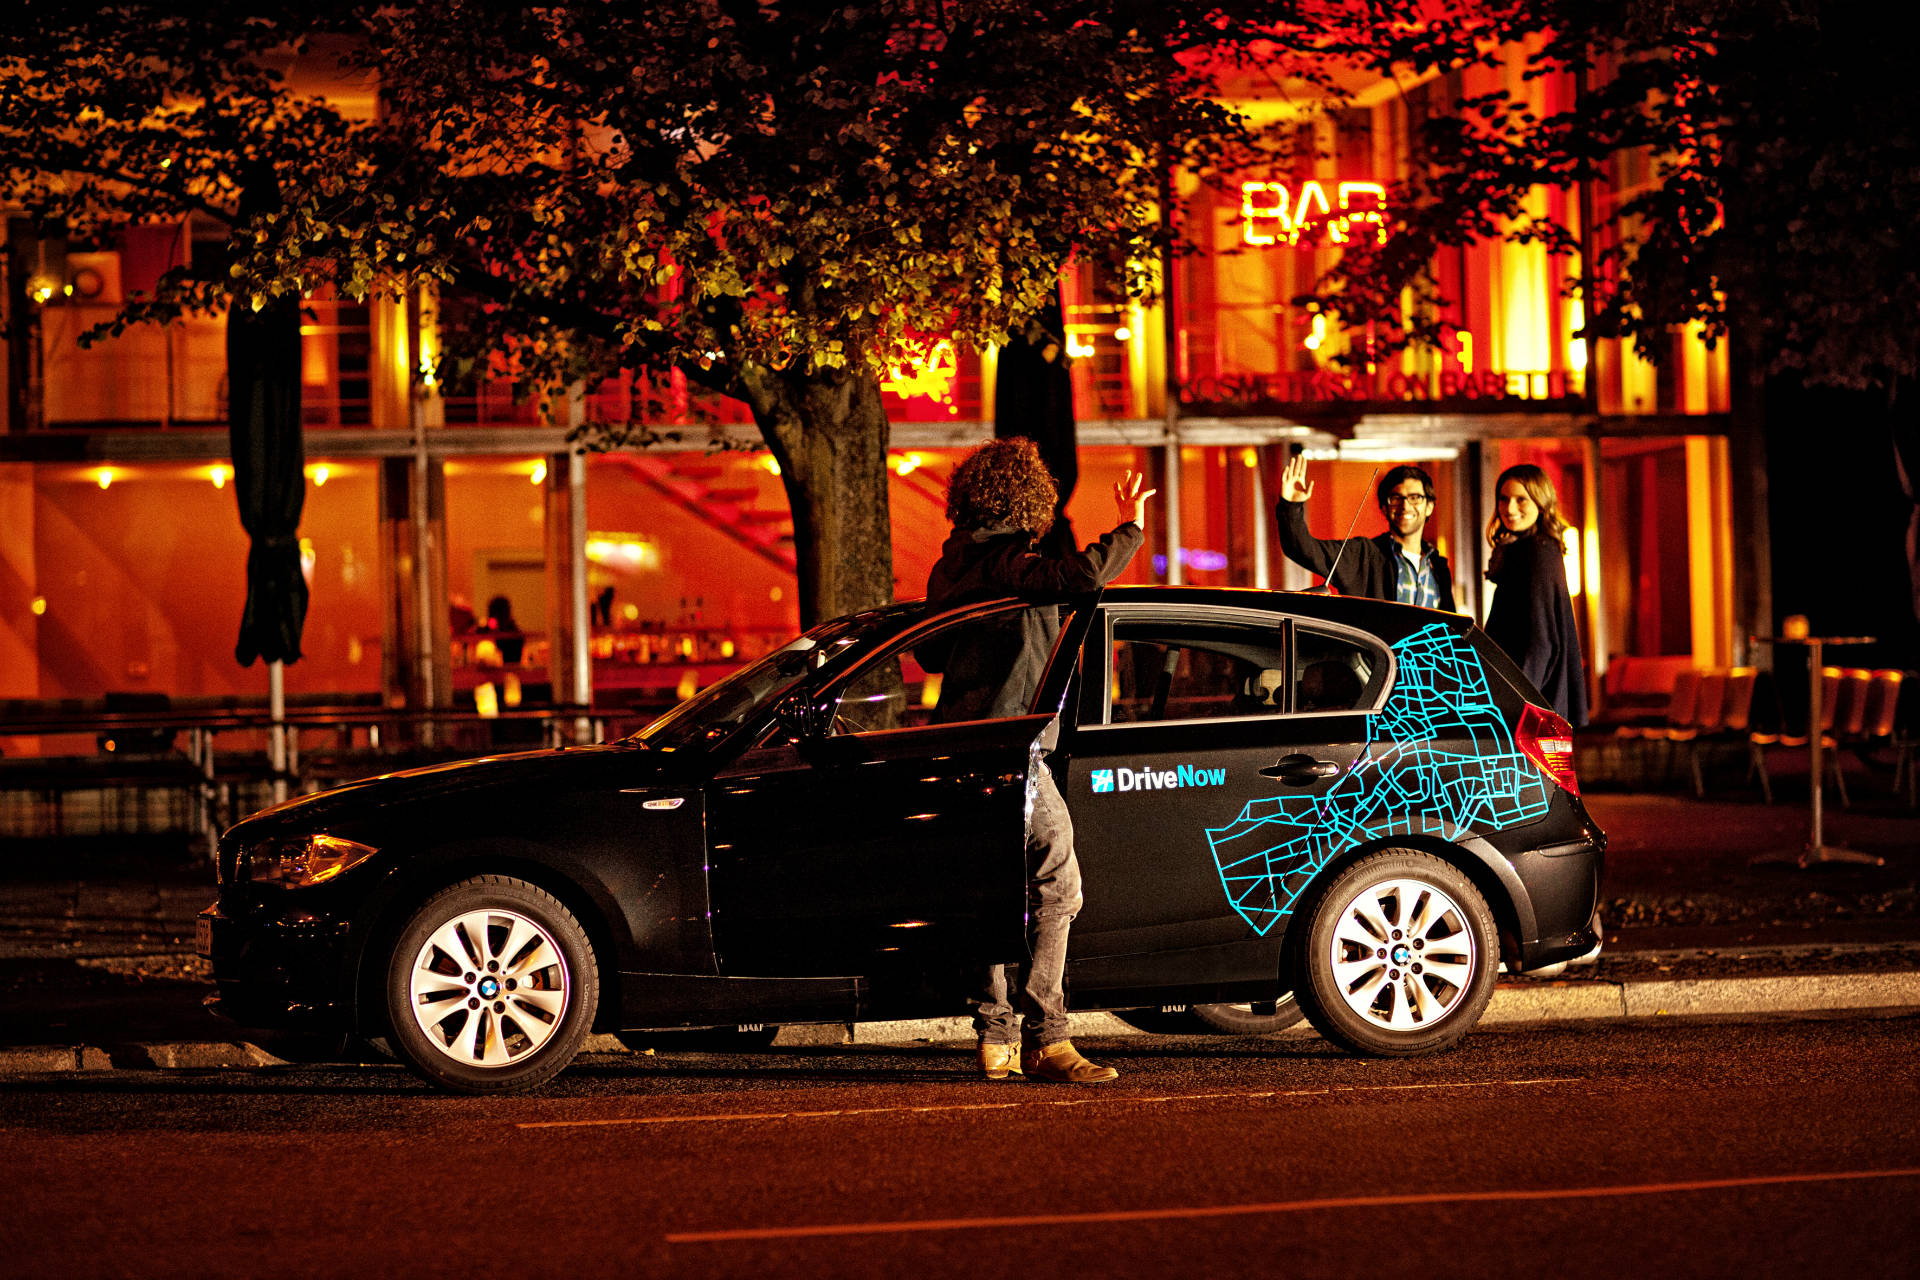 BMW 1er von DriveNow vor einem Restaurant